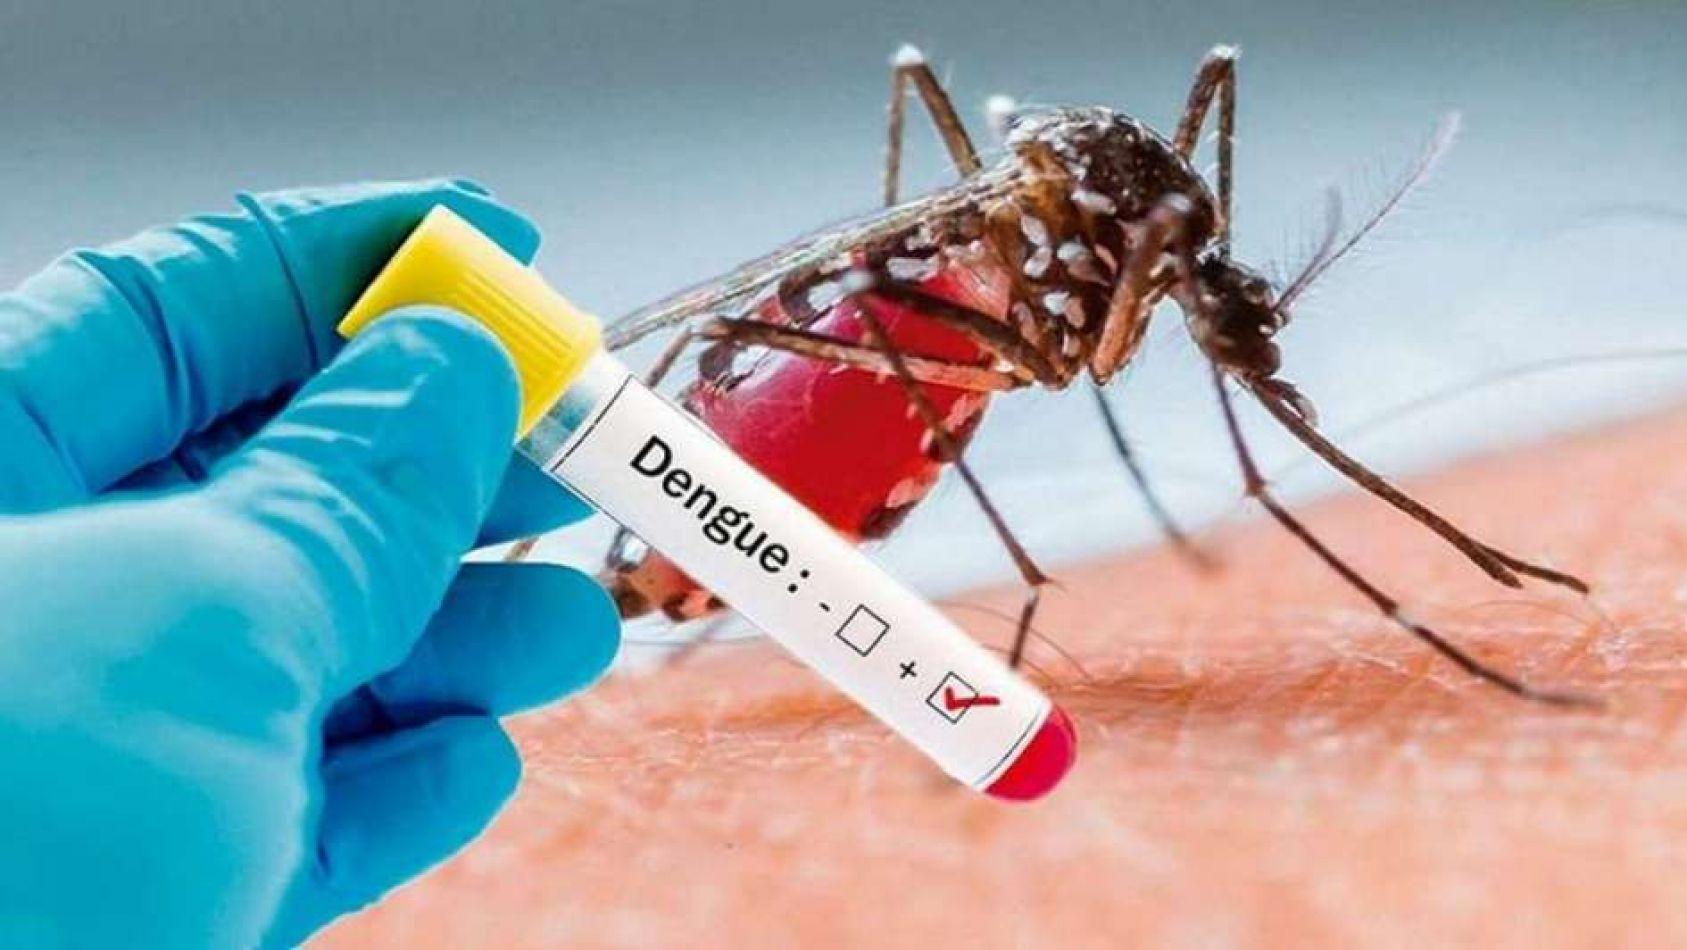 Hasta el momento no se registran casos de dengue, zika o chikungunya en Salta